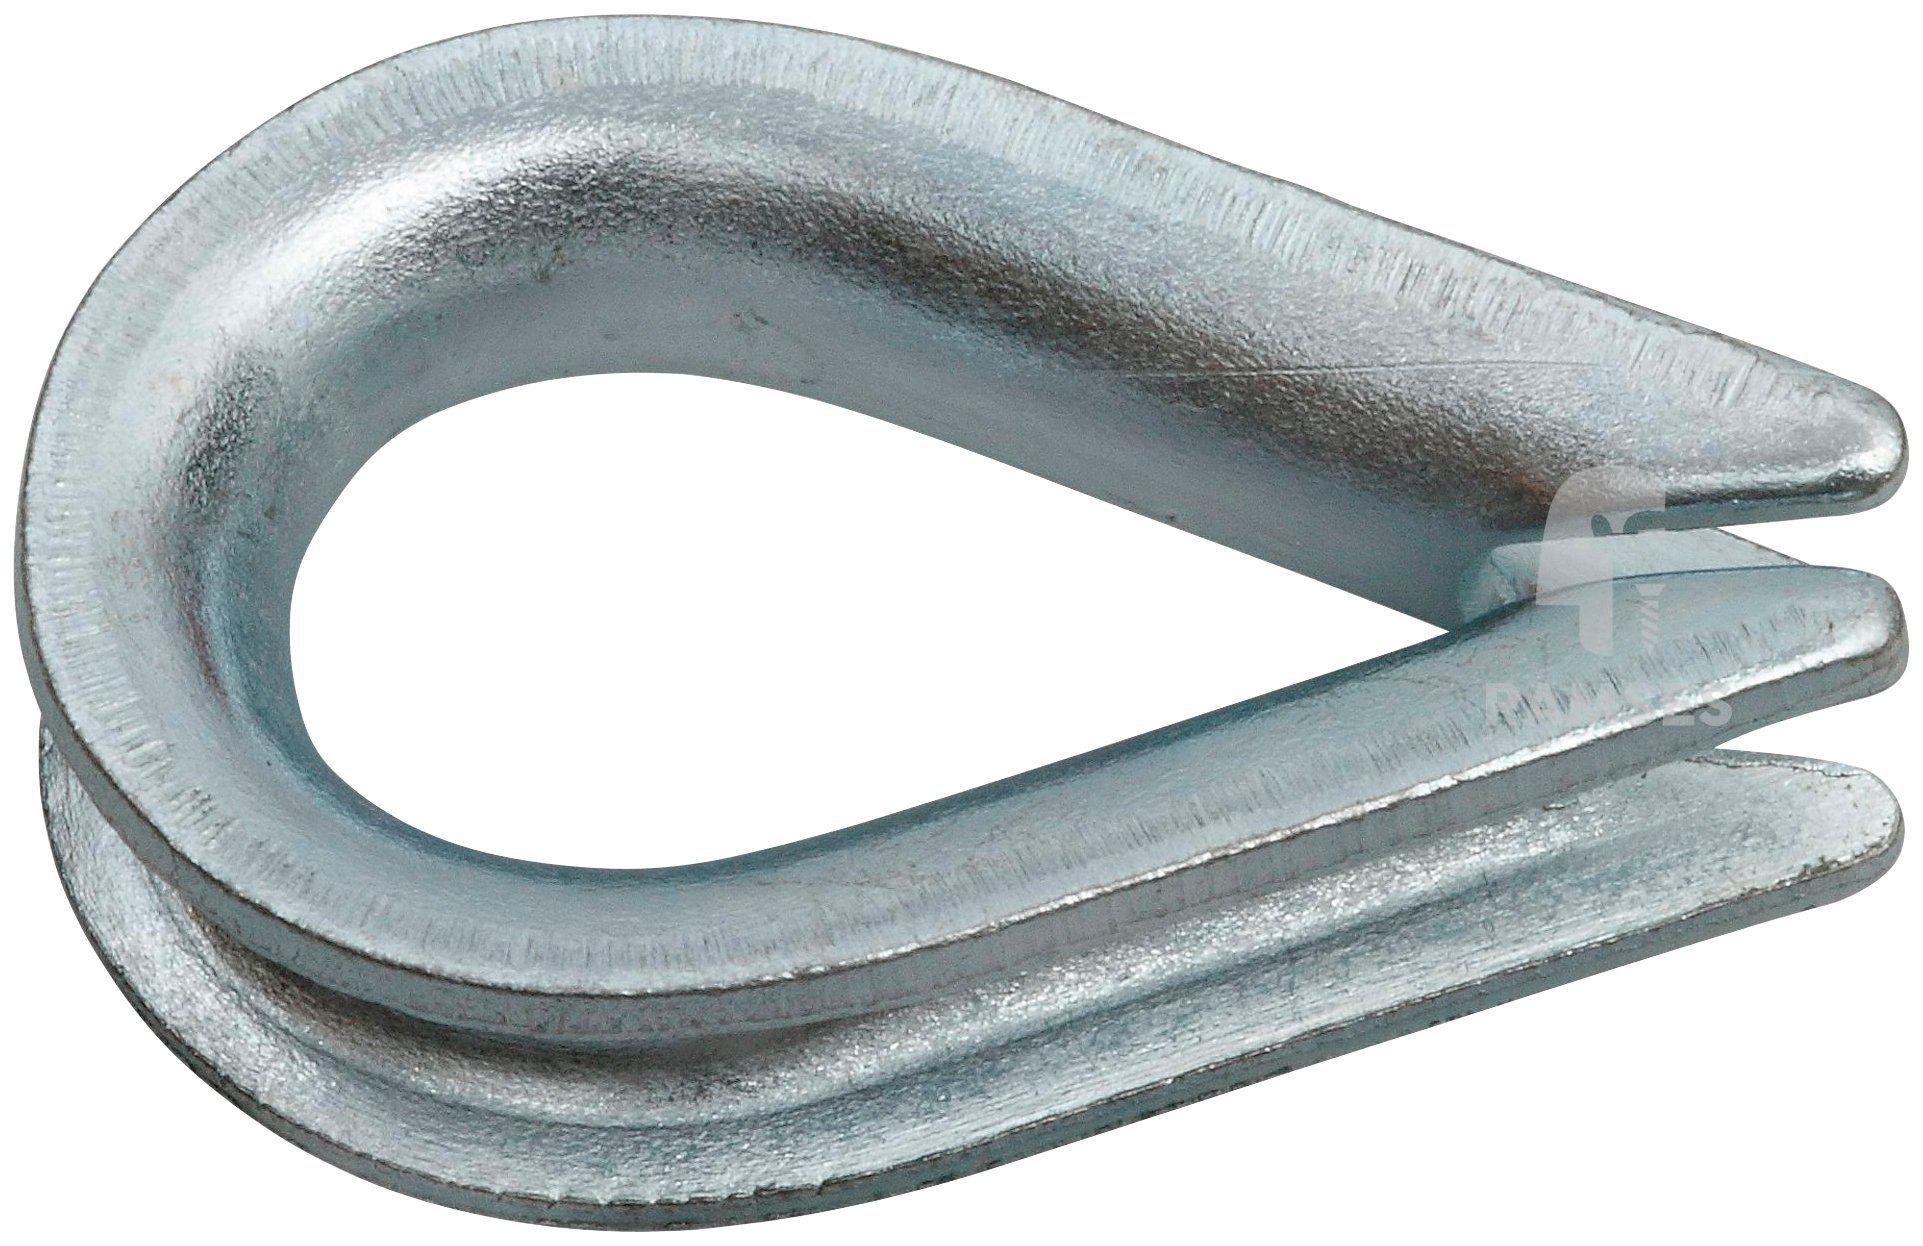 RAMSES Kausche , 6 mm Stahl verzinkt 25 Stück